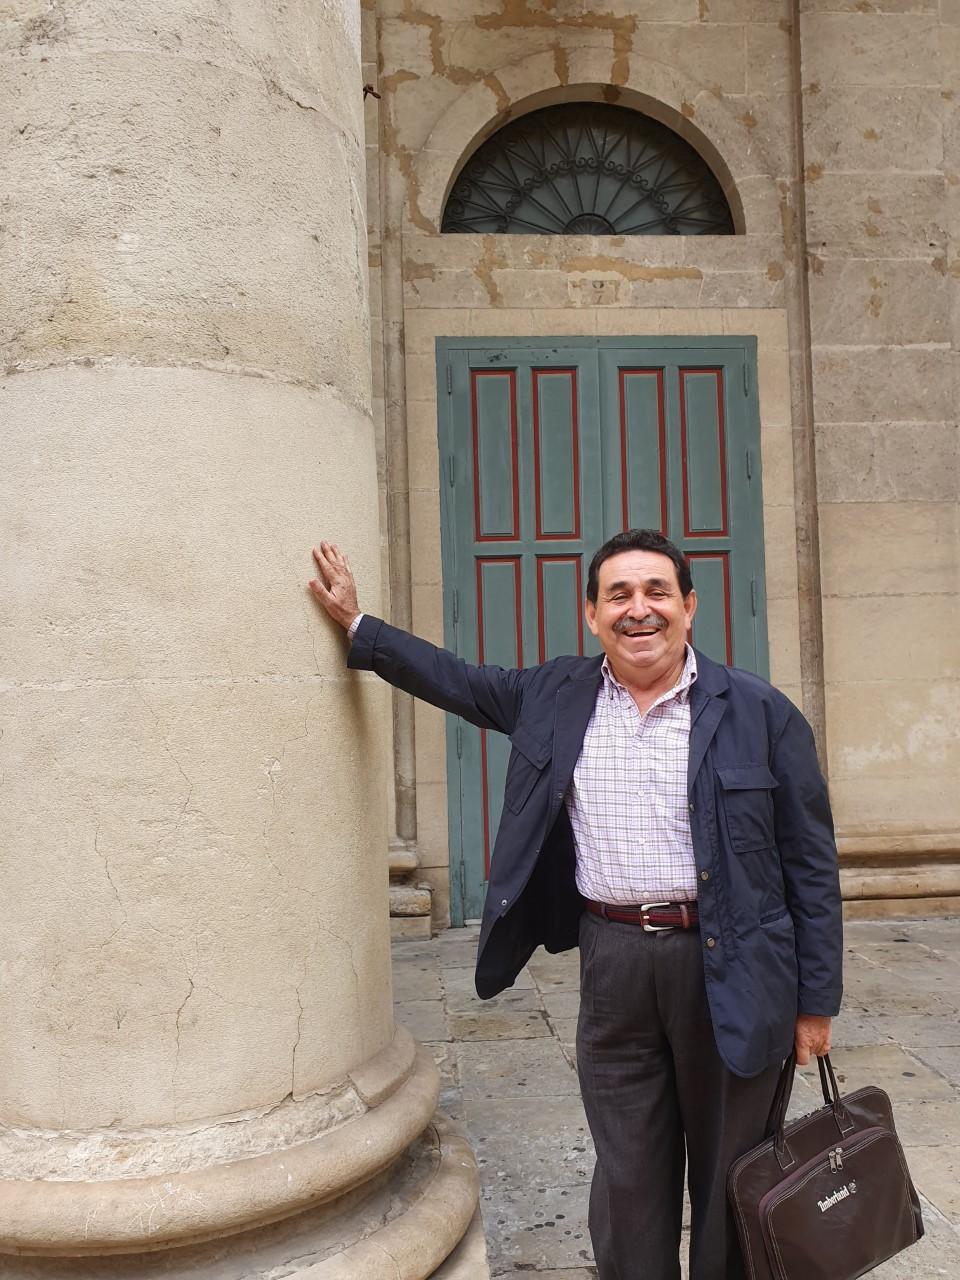 Manuel Mestre, sonriente y tocando una de las columnas de la fachada del Teatro Principal de Alicante / Alex Ferrer